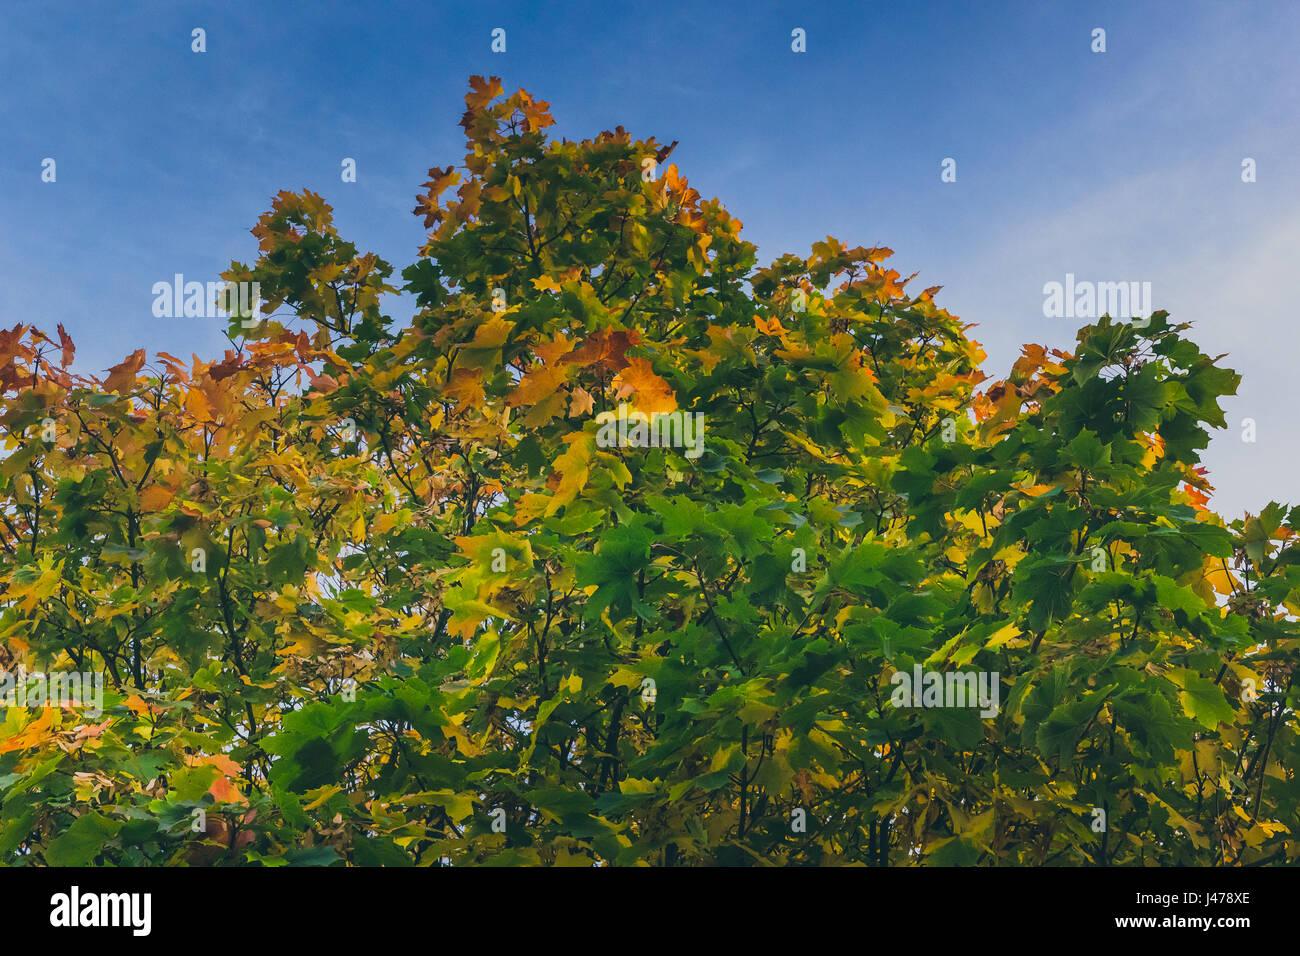 Un árbol de arce con denso follaje verde con parches de hojas doradas que muestra la aparición de cataratas ubicado en tollymore park en Newcastle UK Foto de stock